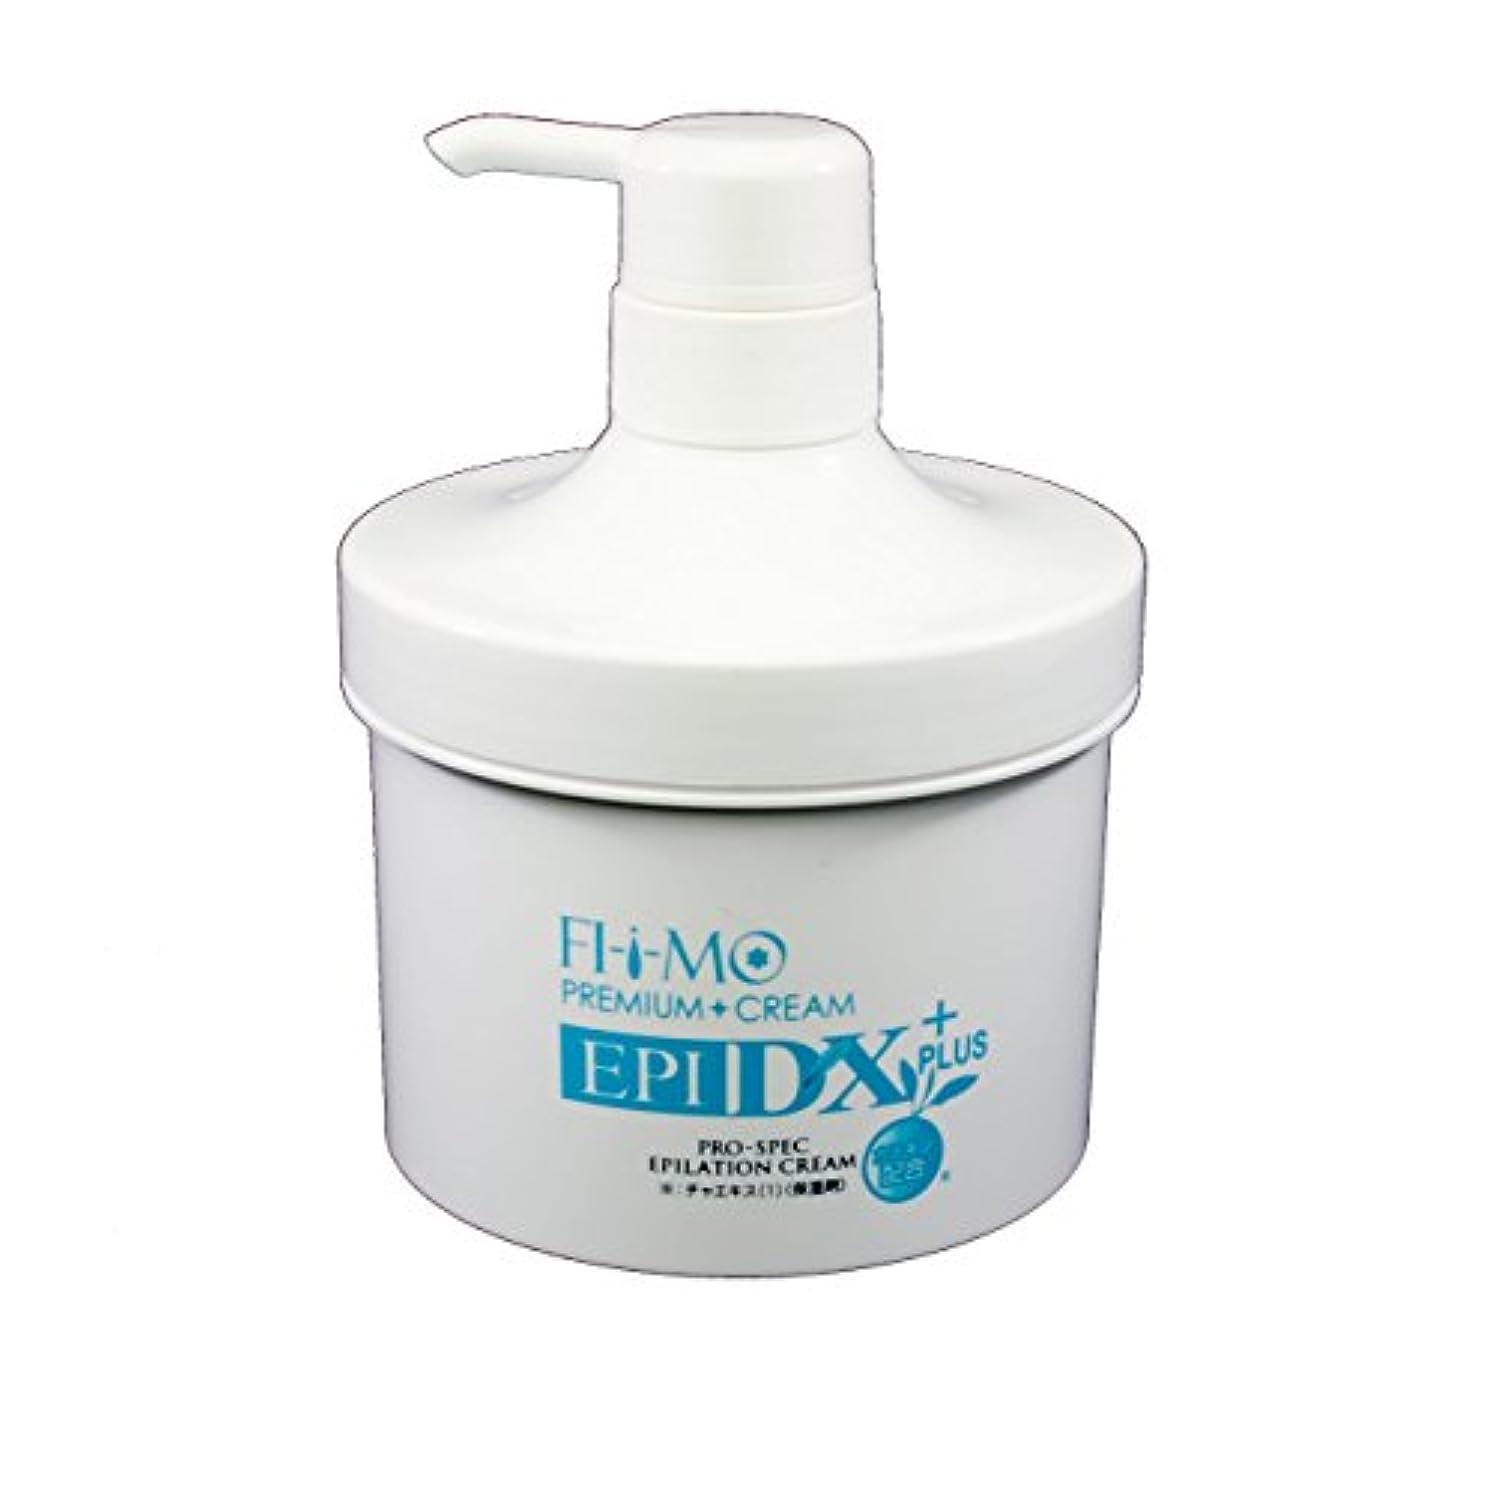 レビューデータベースラインナップ男女兼用除毛クリーム FI-i-MO エピDX PLUS 500g